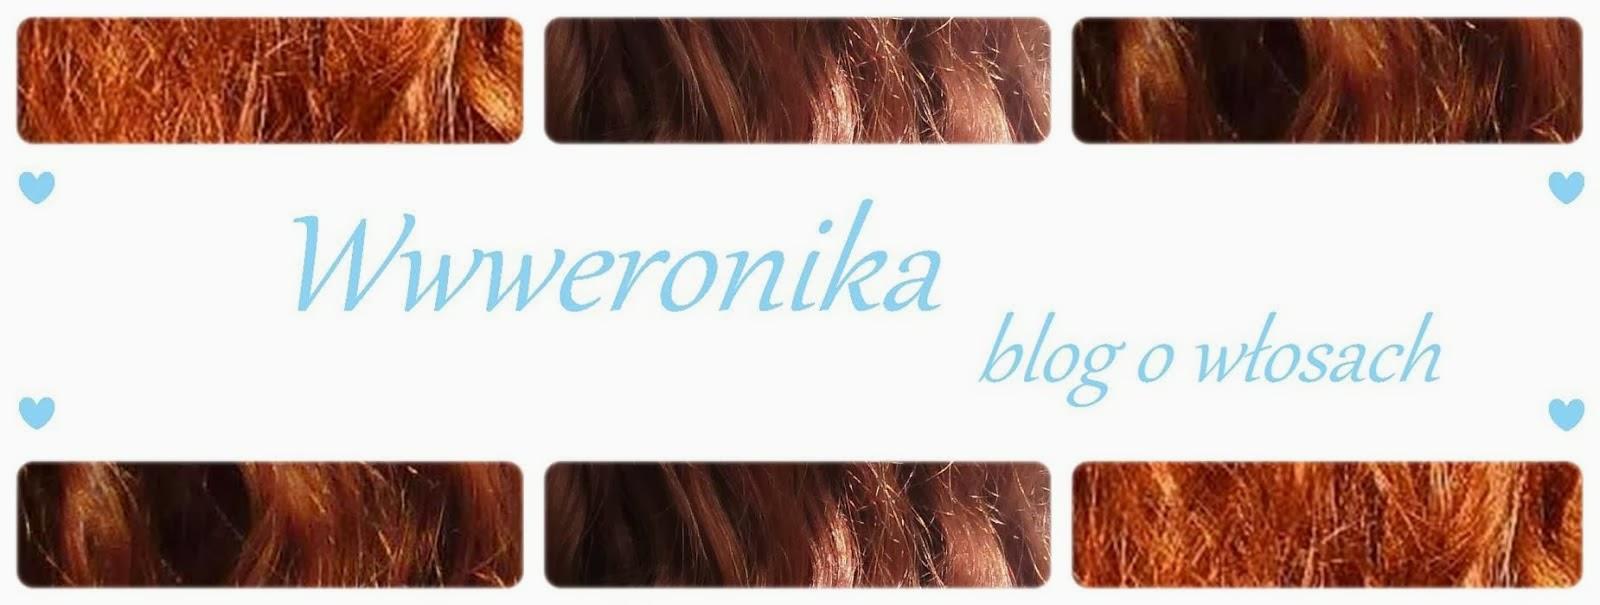 Wwweronika blog o włosach